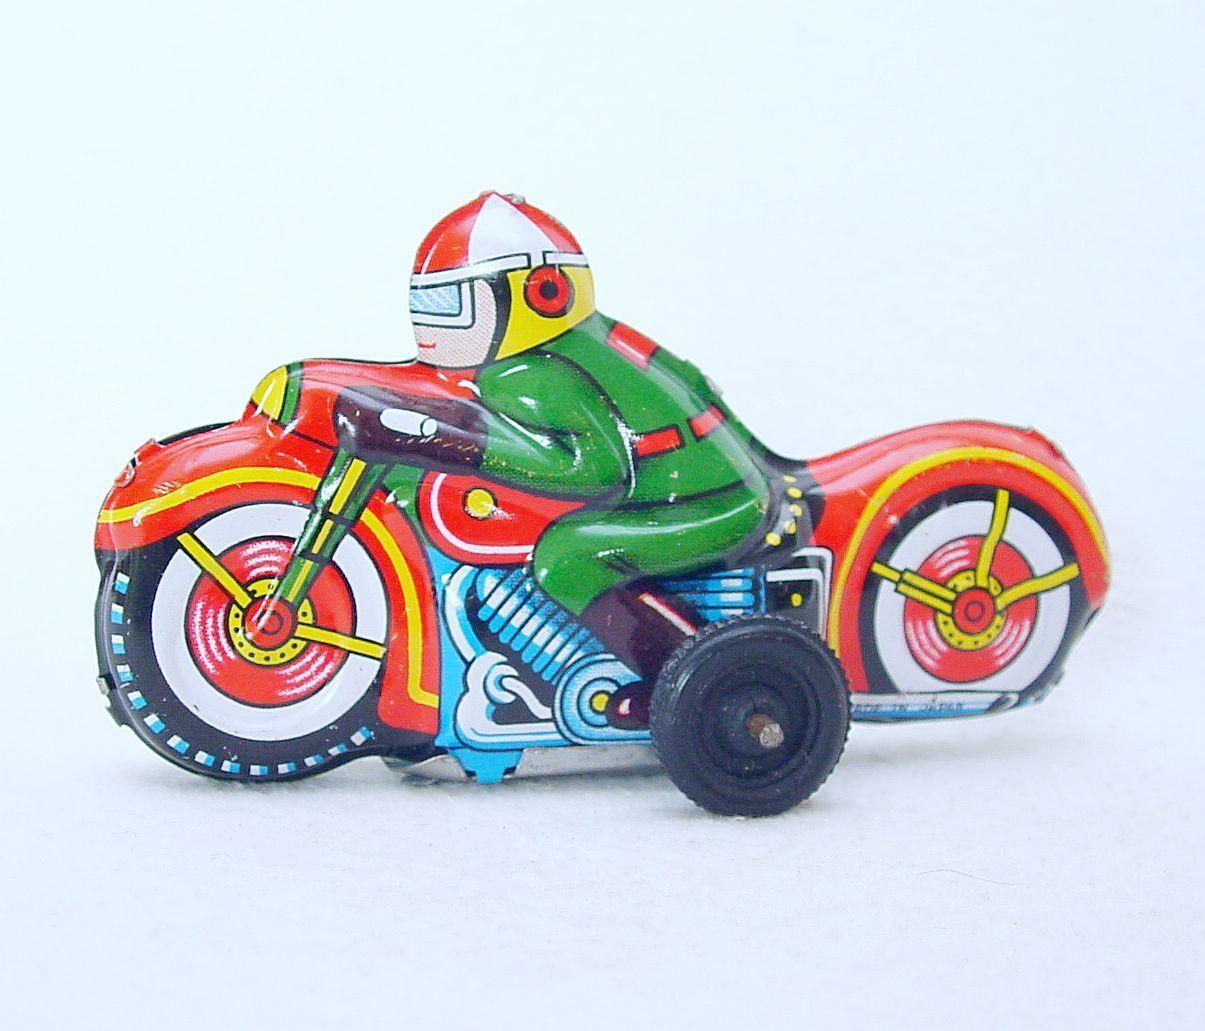 Moderne spielzeug - motorrad 9cm japan roten zinn reibung spielzeug gut ` 68 top selten